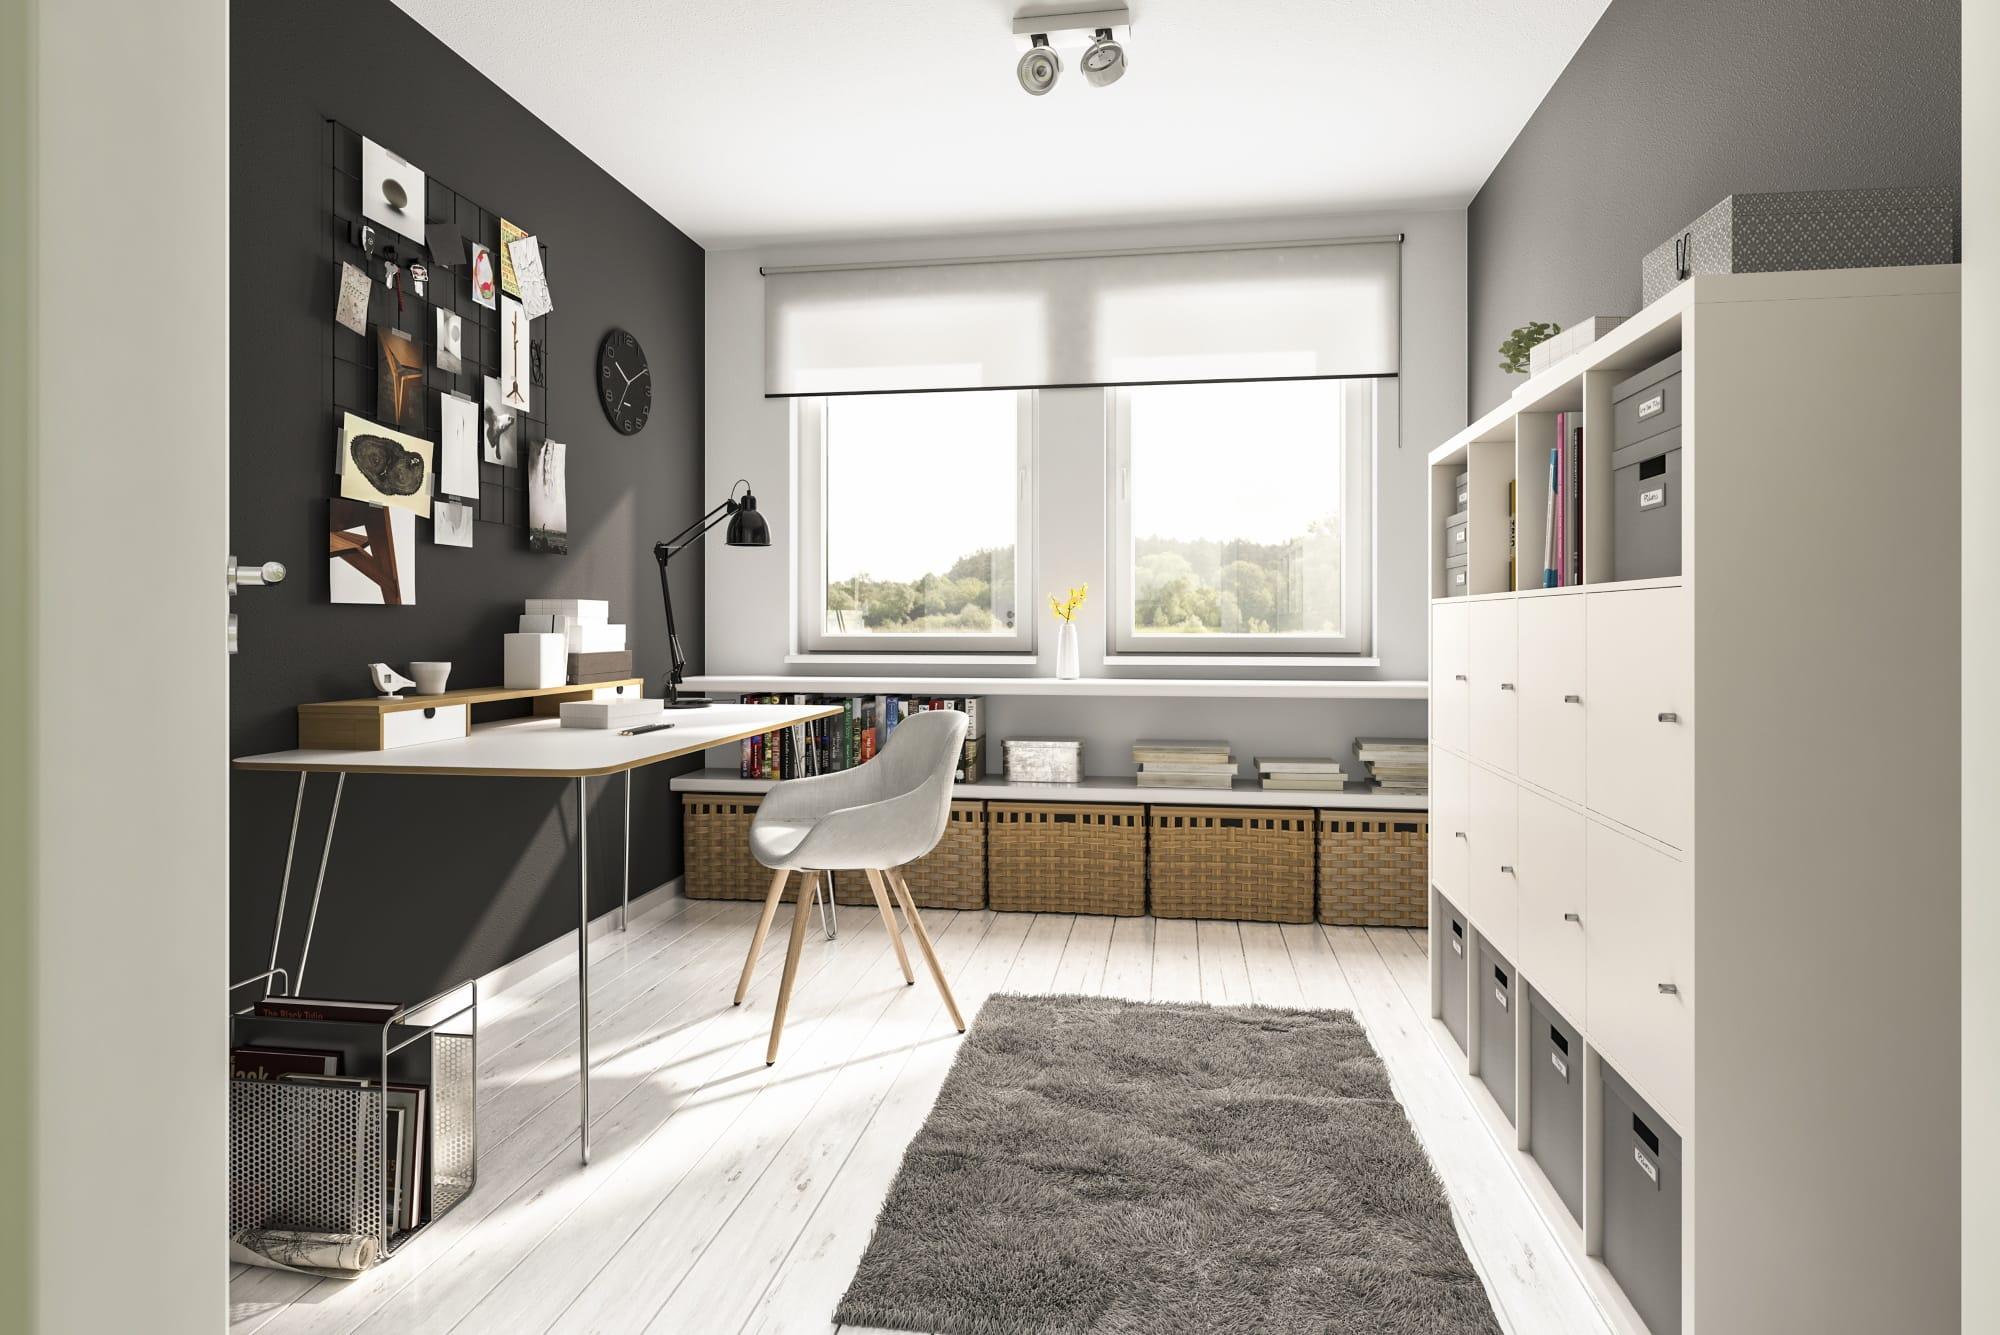 Arbeitszimmer - Haus Design Ideen innen modern Town Country Massivhaus FLAIR 134 - HausbauDirekt.de